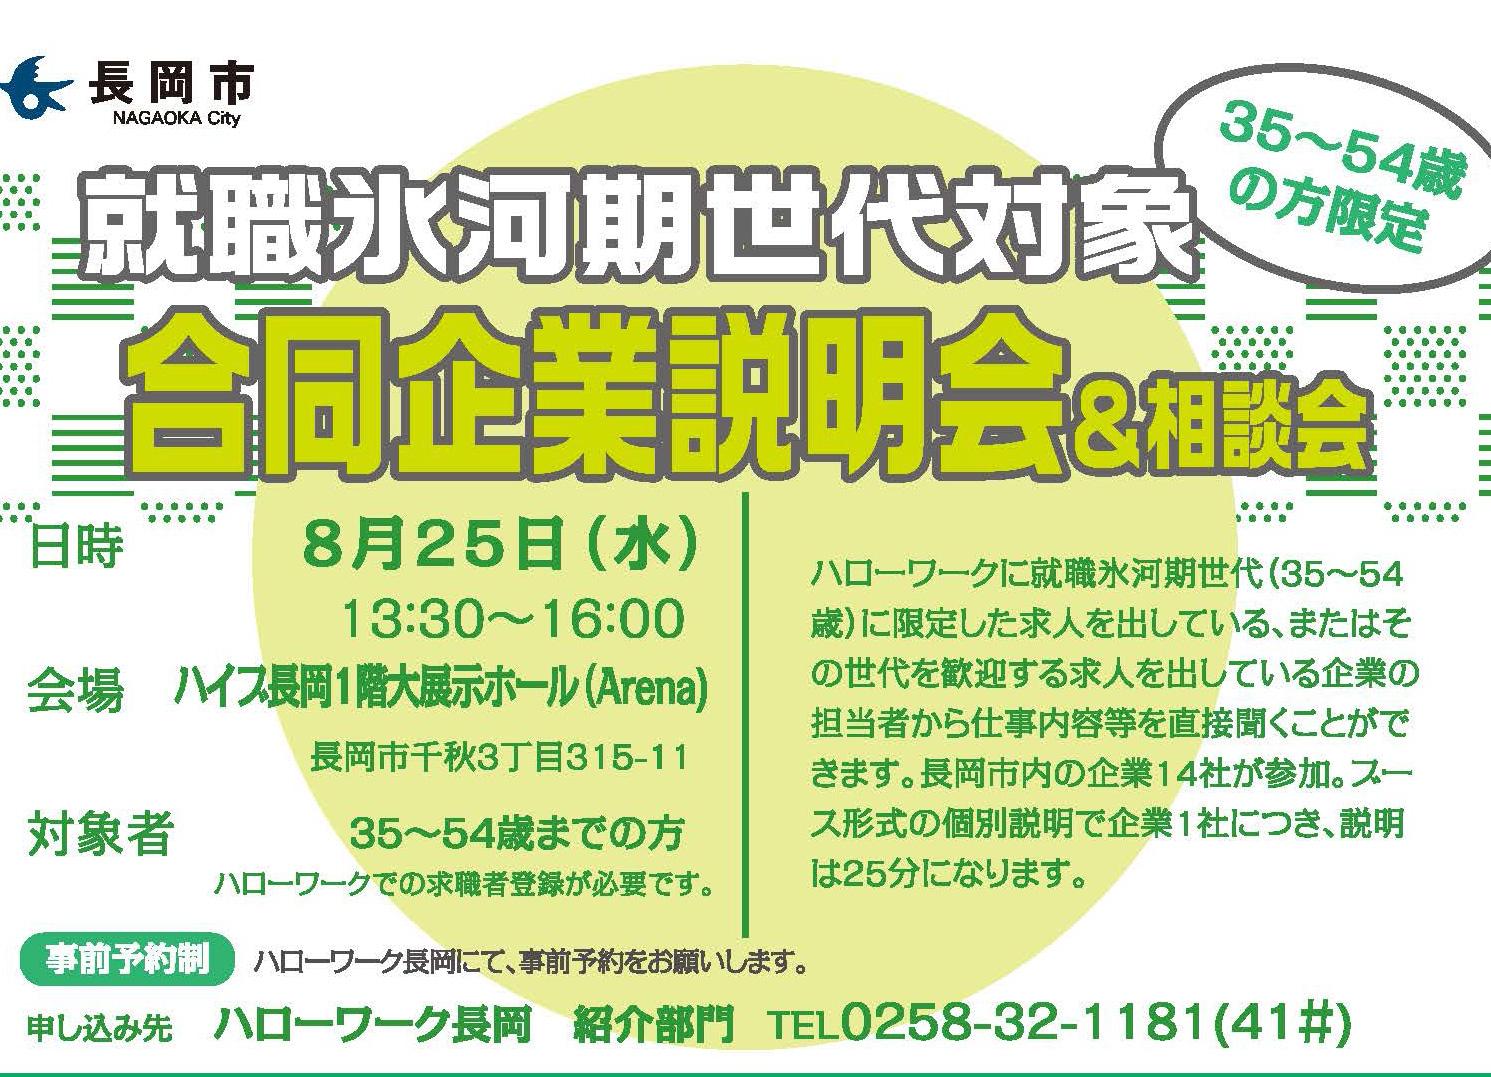 【8/25開催】長岡市就職氷河期世代対象合同企業説明会&相談会